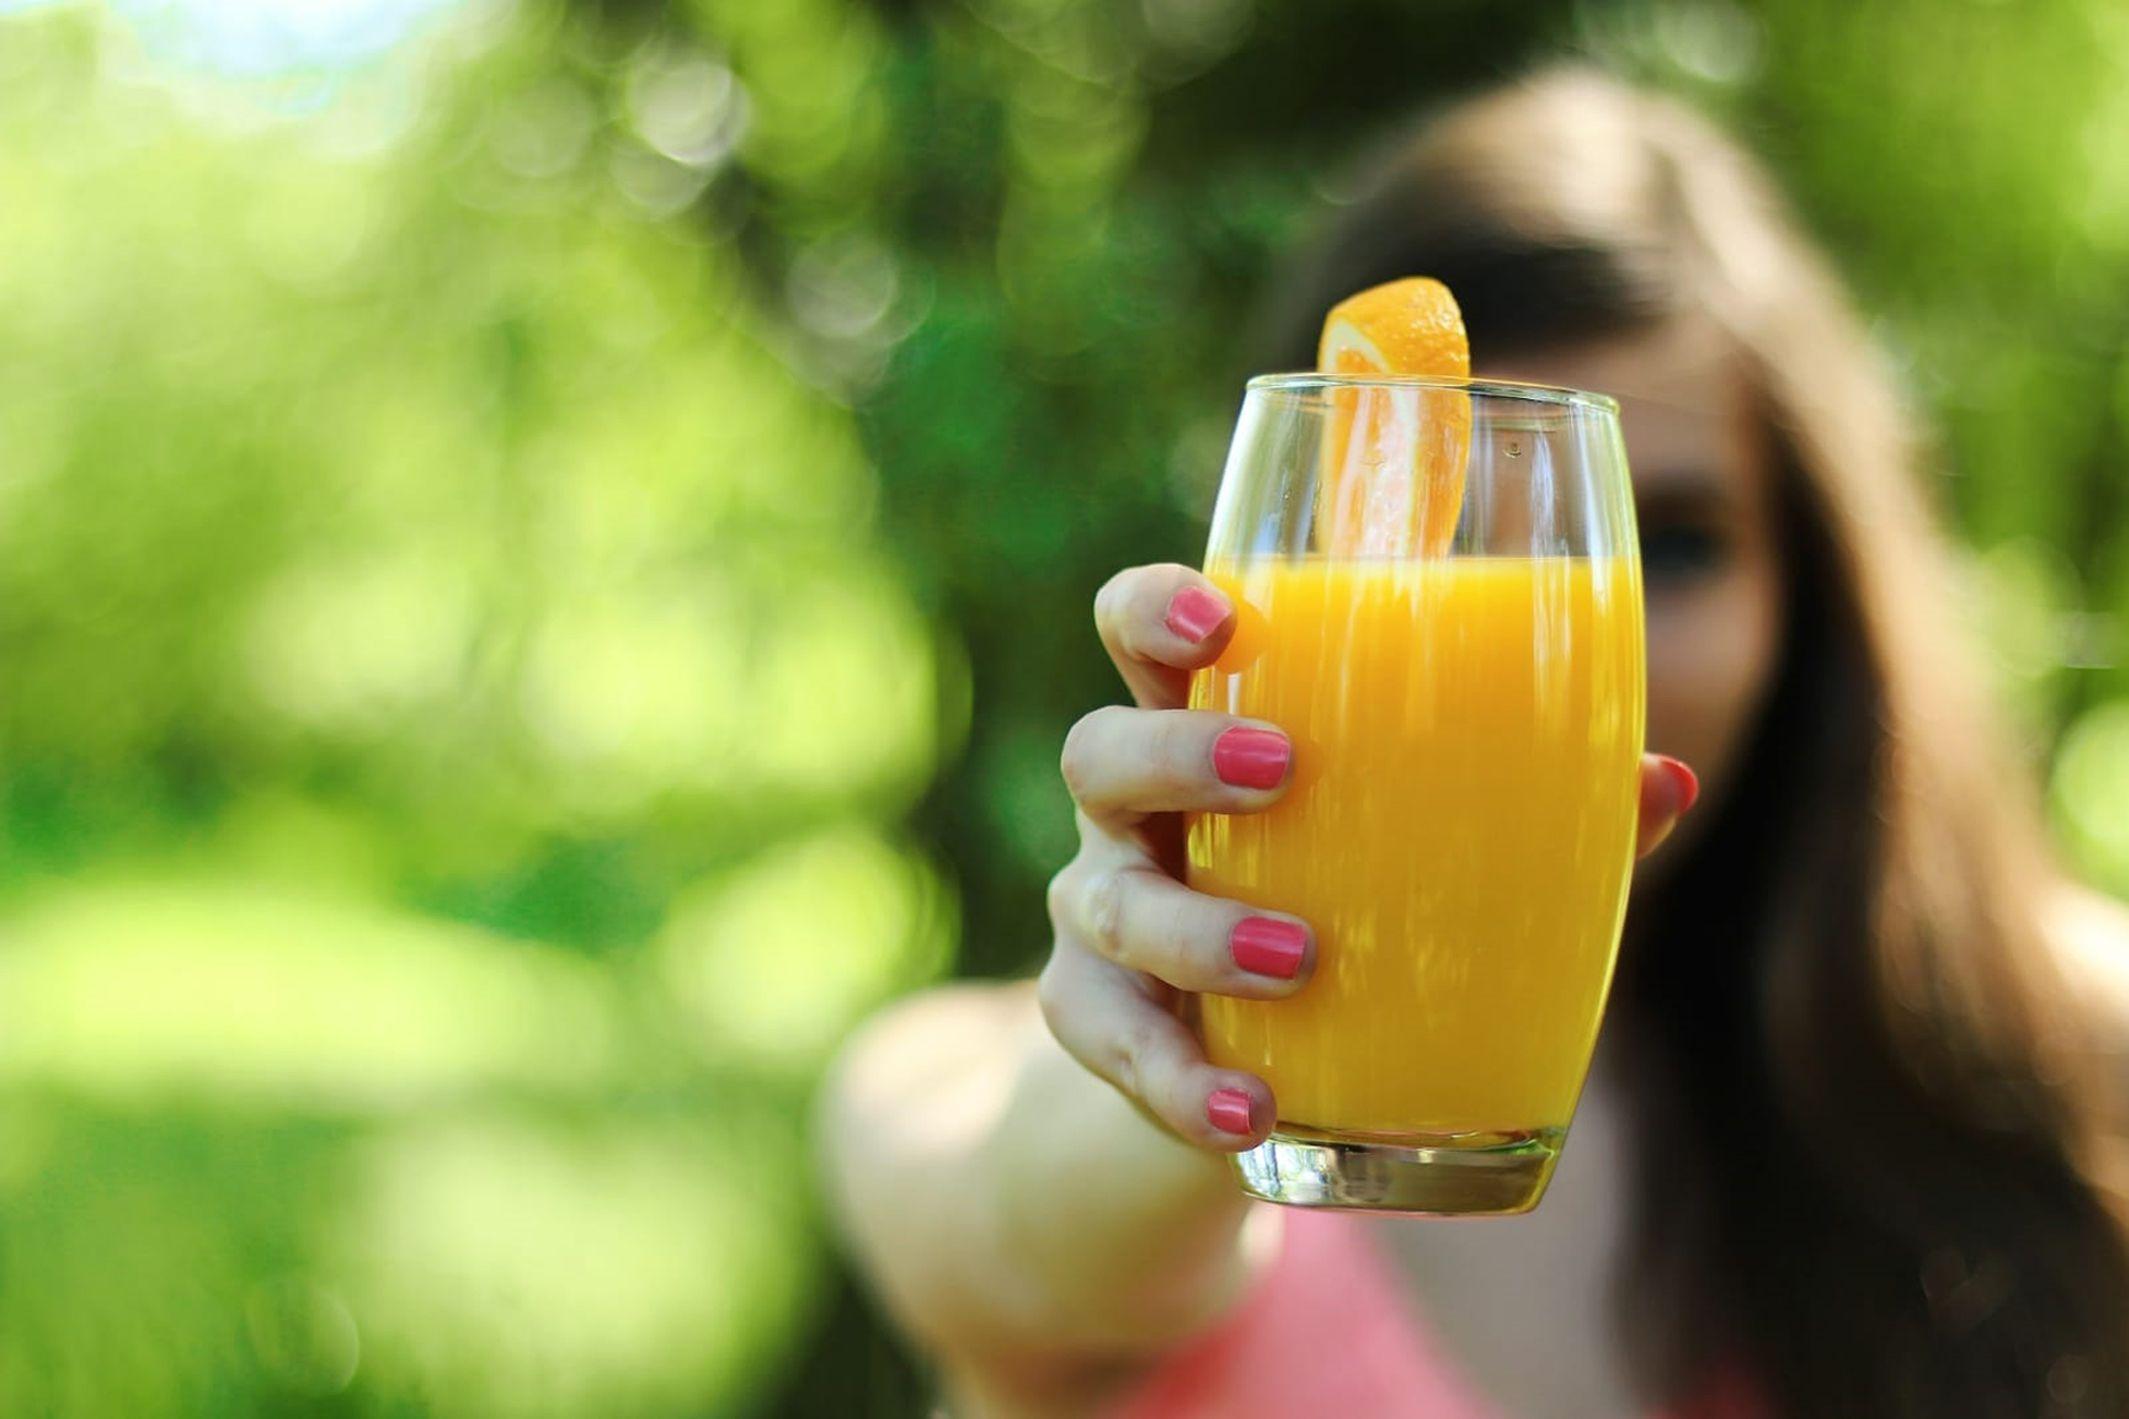 El jugo de naranja con jenjibre y agregados ayuda a combatir la gripe. Foto: Pixabay.